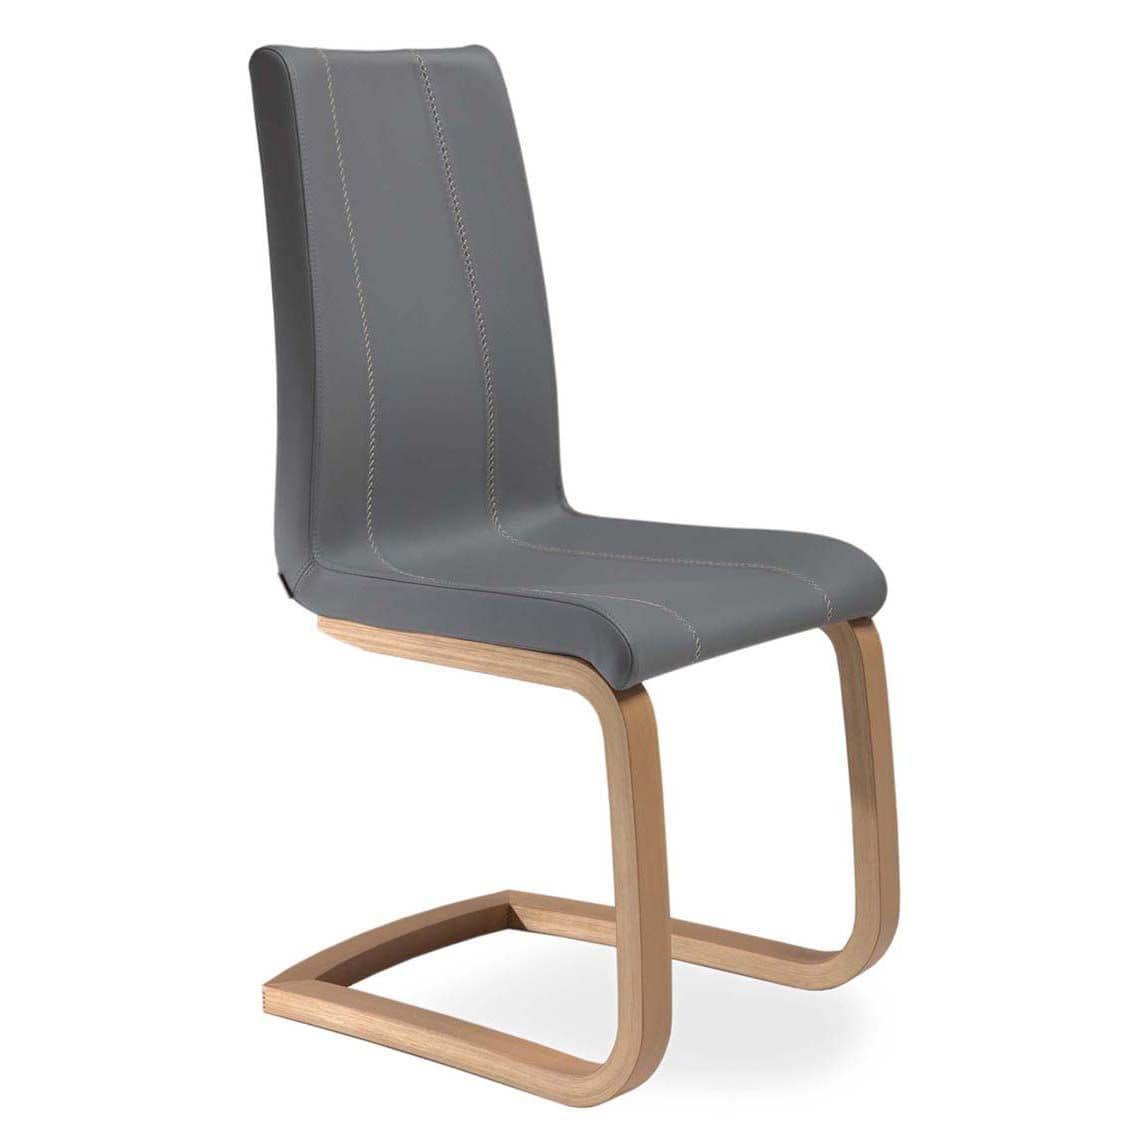 Sedia Gambe Legno Delfy Wood : Sedia con base a slitta in legno di faggio per uso